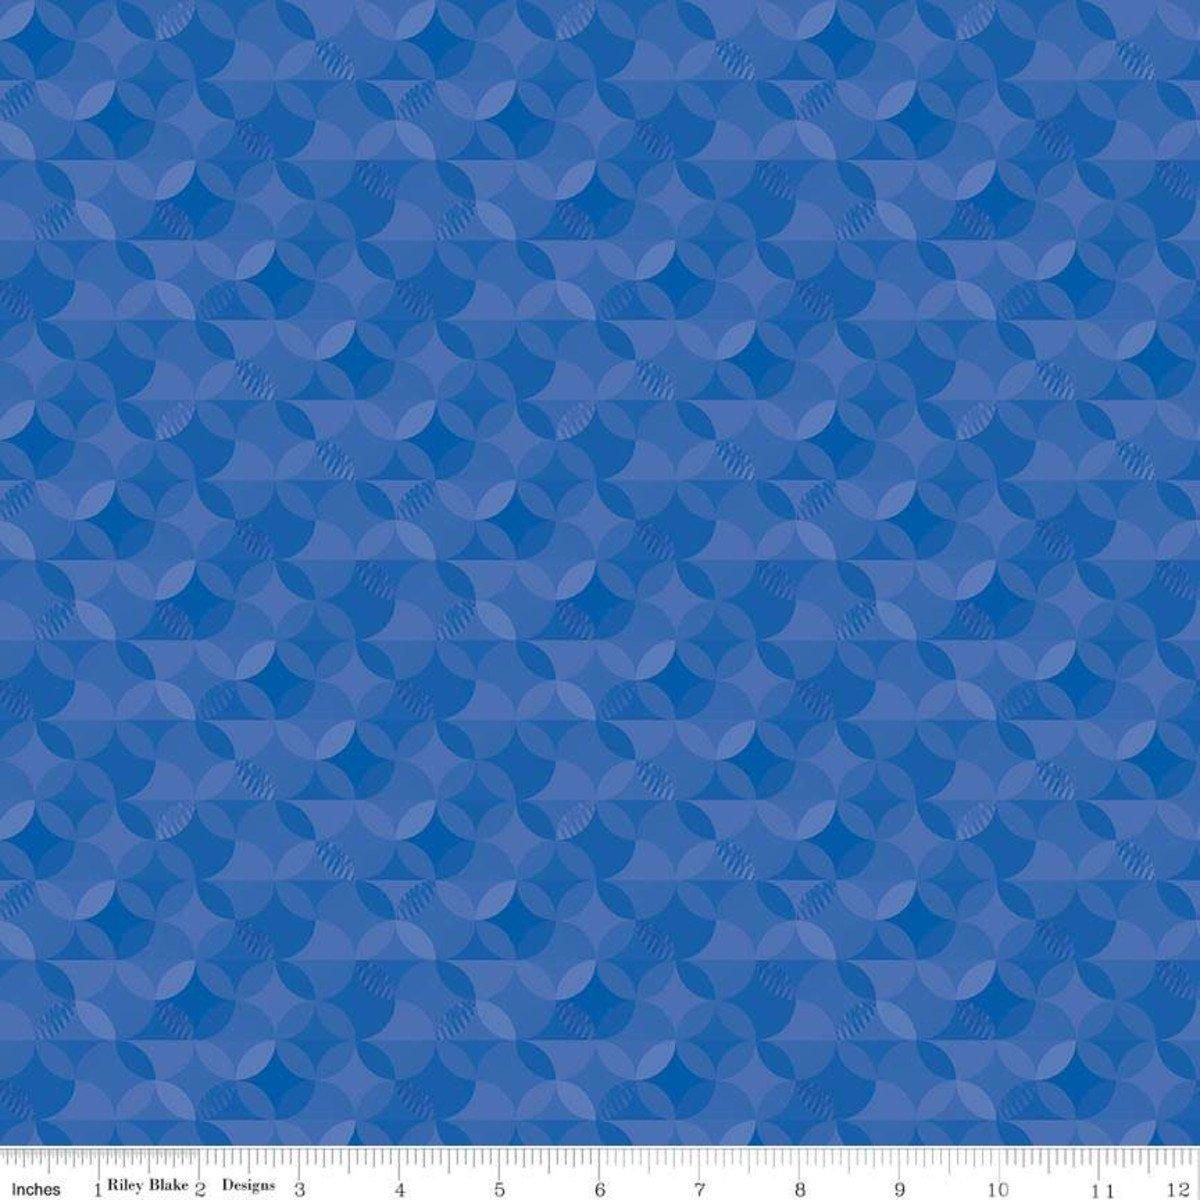 Crayola Kaleidoscope Midnight Blue